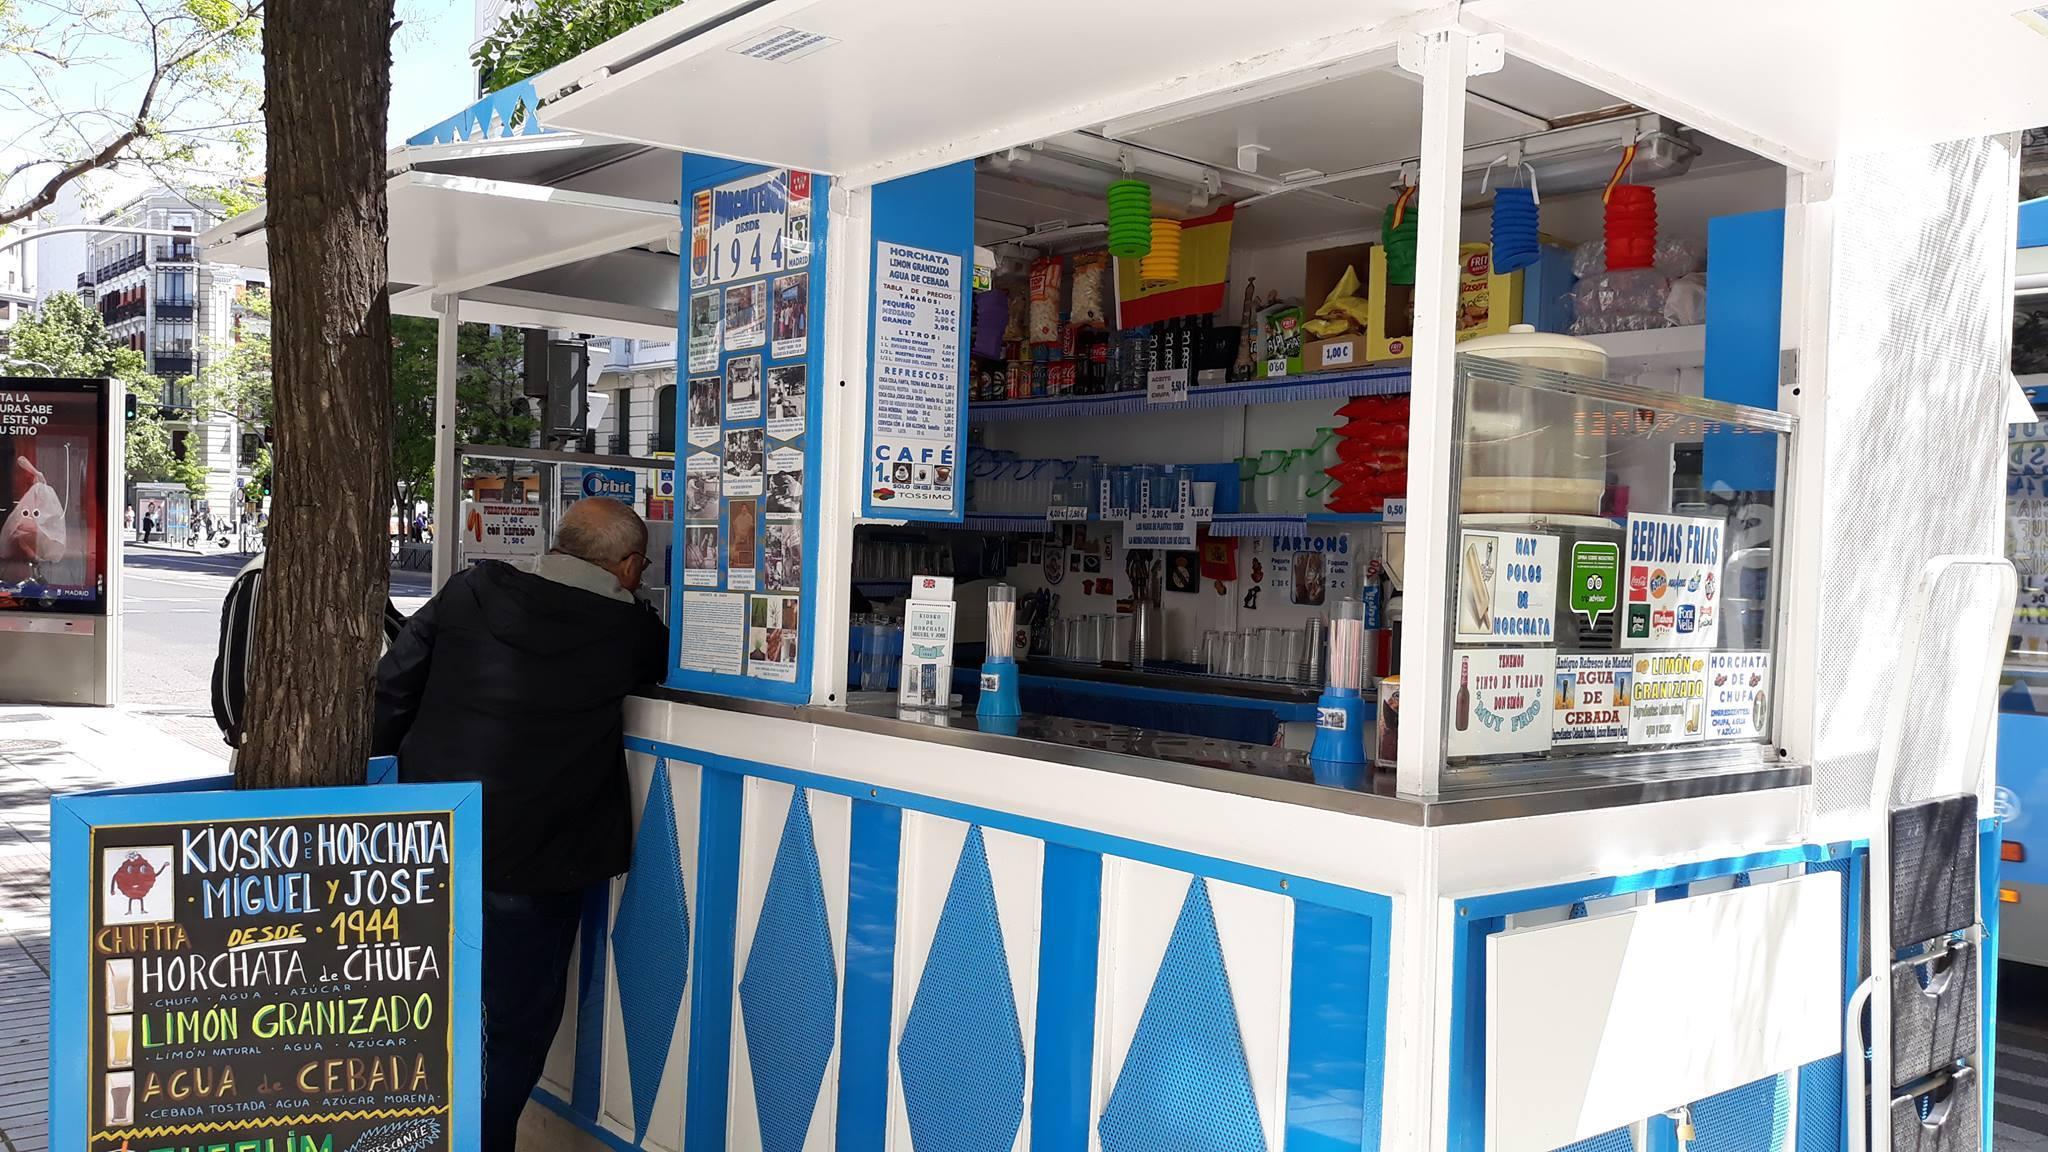 Kiosko de la horchata - mejores horchatas Madrid